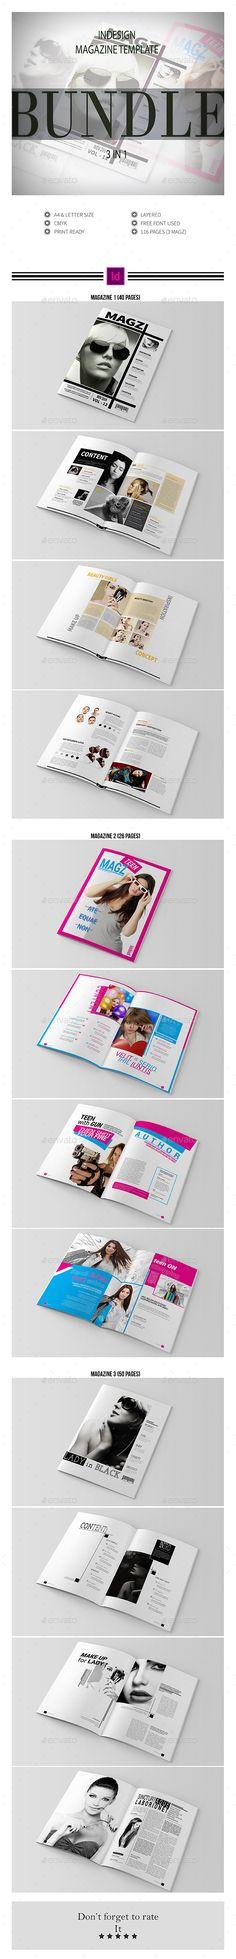 Multipurpose InDesign Magazine Template Bundle InDesign INDD #design Download: http://graphicriver.net/item/multipurpose-indesign-magazine-template-bundle/14360267?ref=ksioks